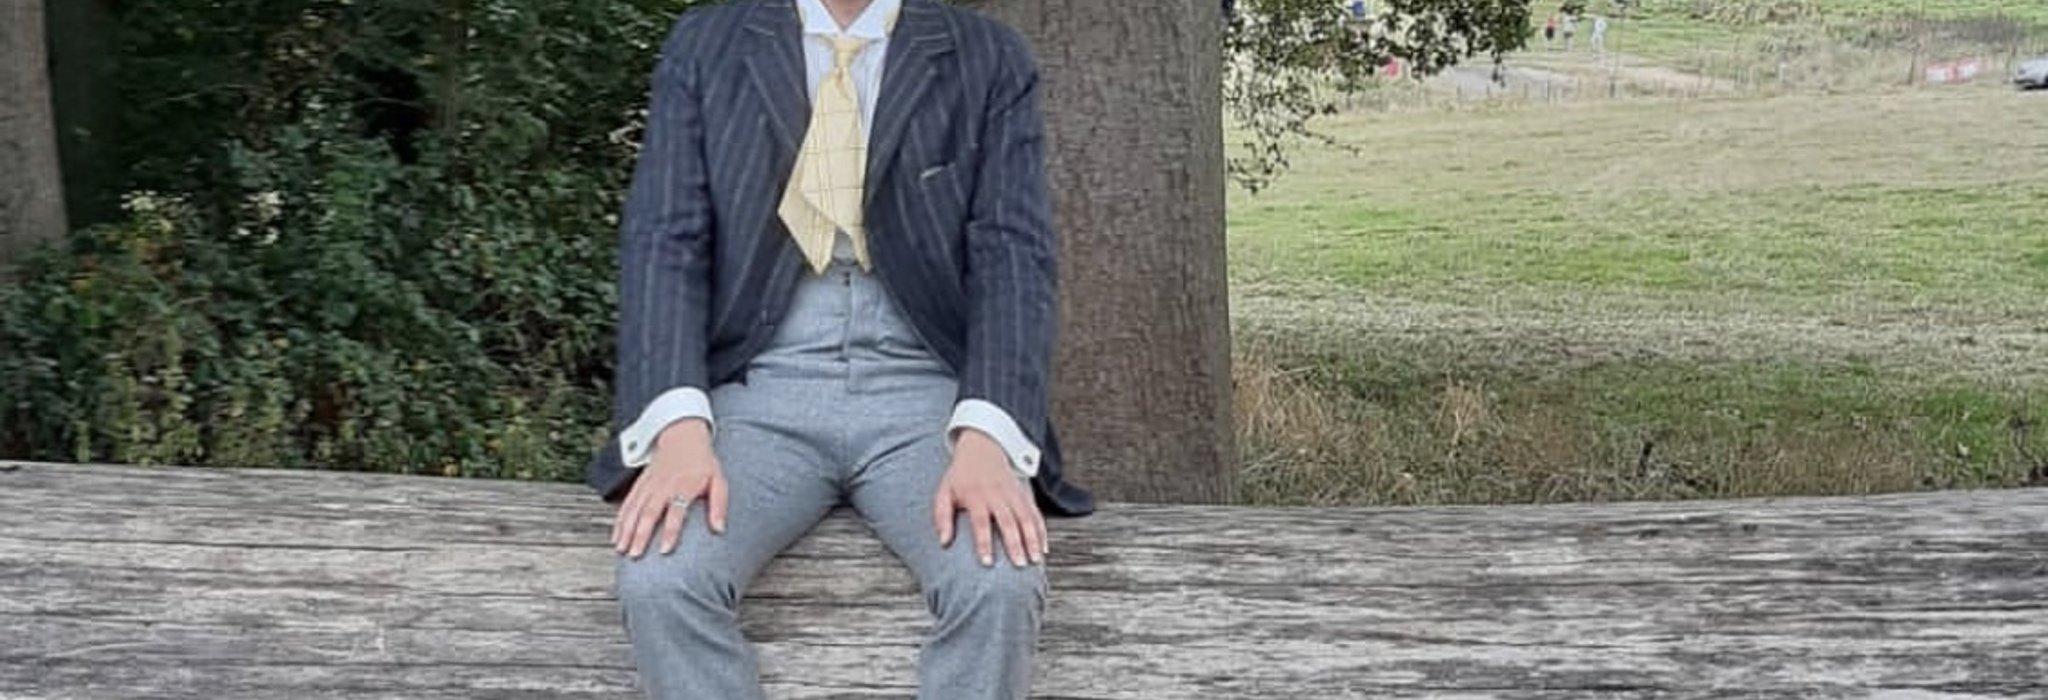 紳士服の過渡期、1920年代にスポットライトを当てるー20年代を彩った2つの流れ_image